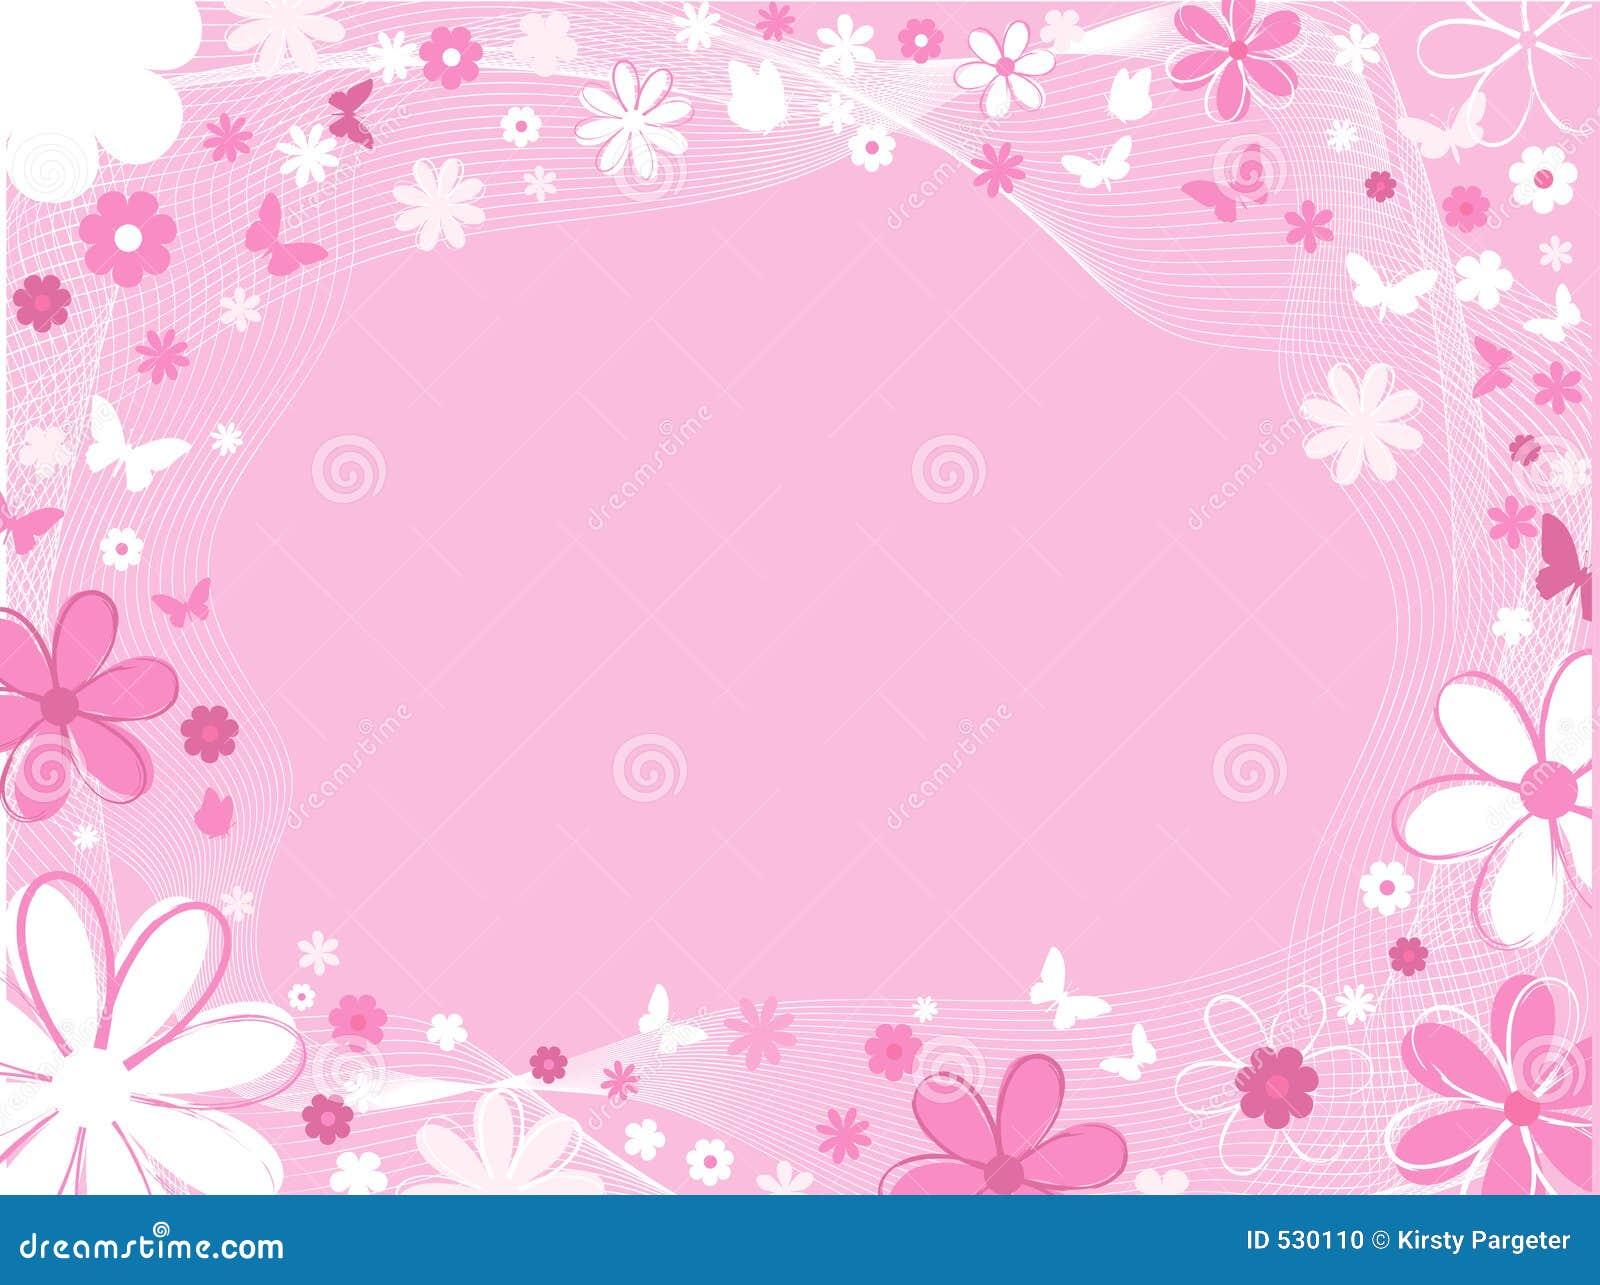 Fondo Primavera álbum Classic Flores Violetas: Kwiaty Motyla Zdjęcie Stock